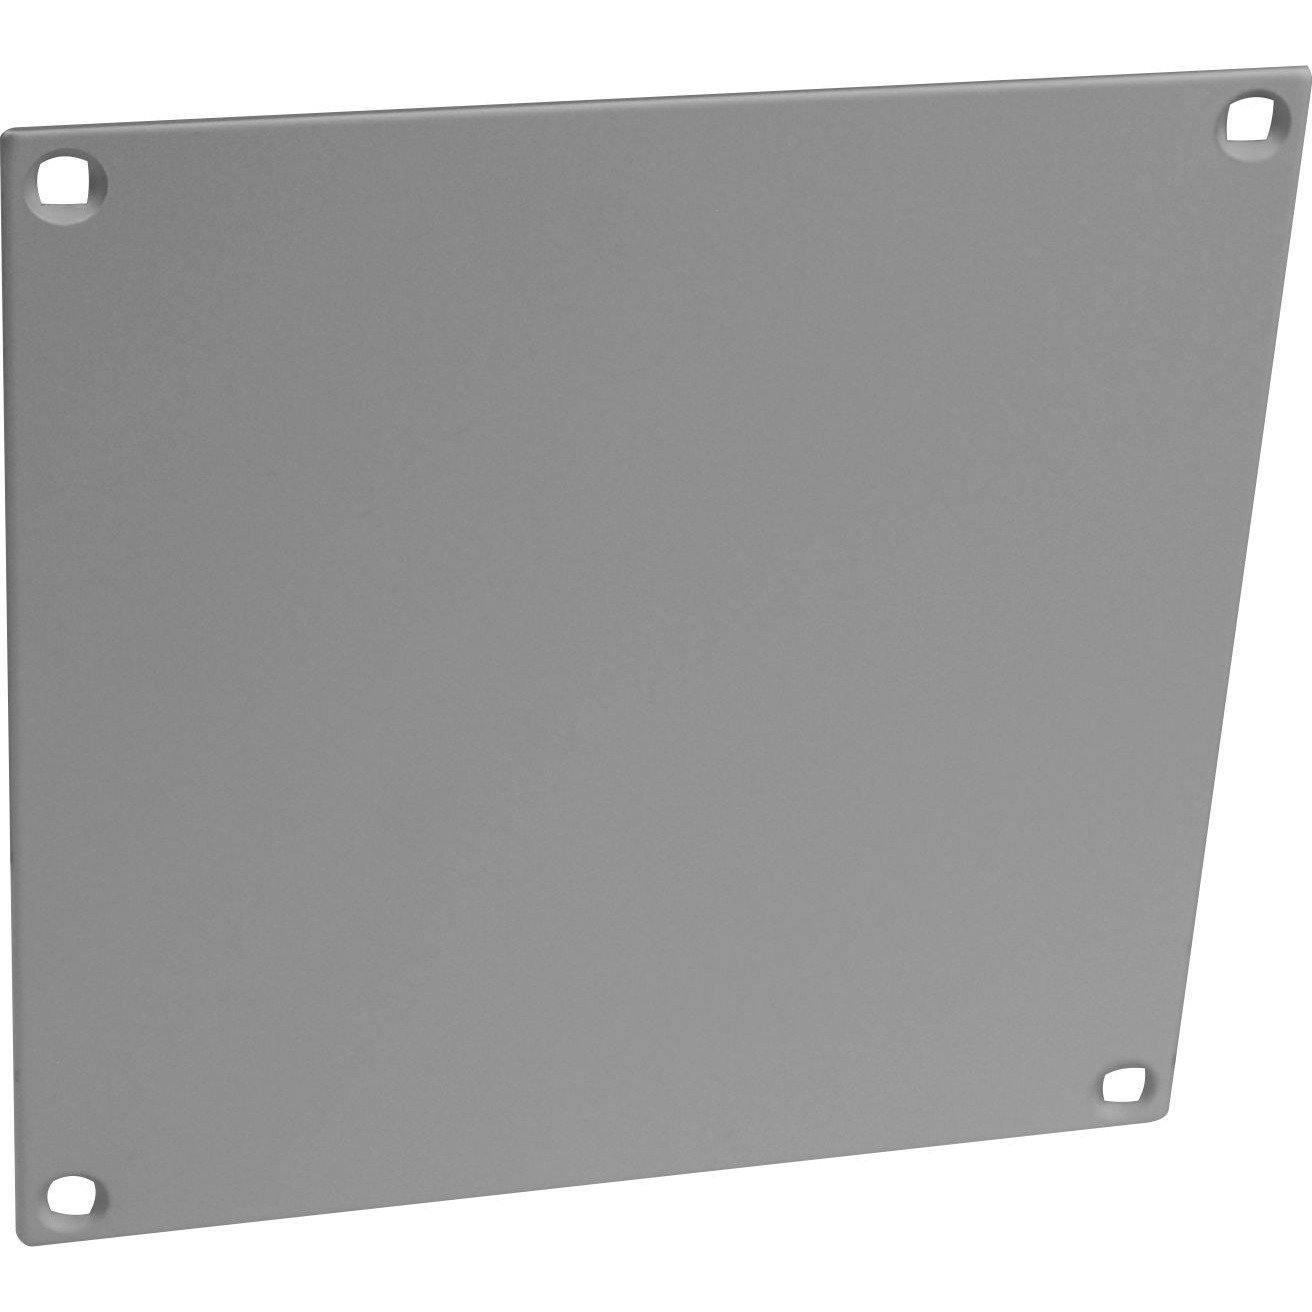 Aluminium Door Handles - 150 X 150mm - Push Plate